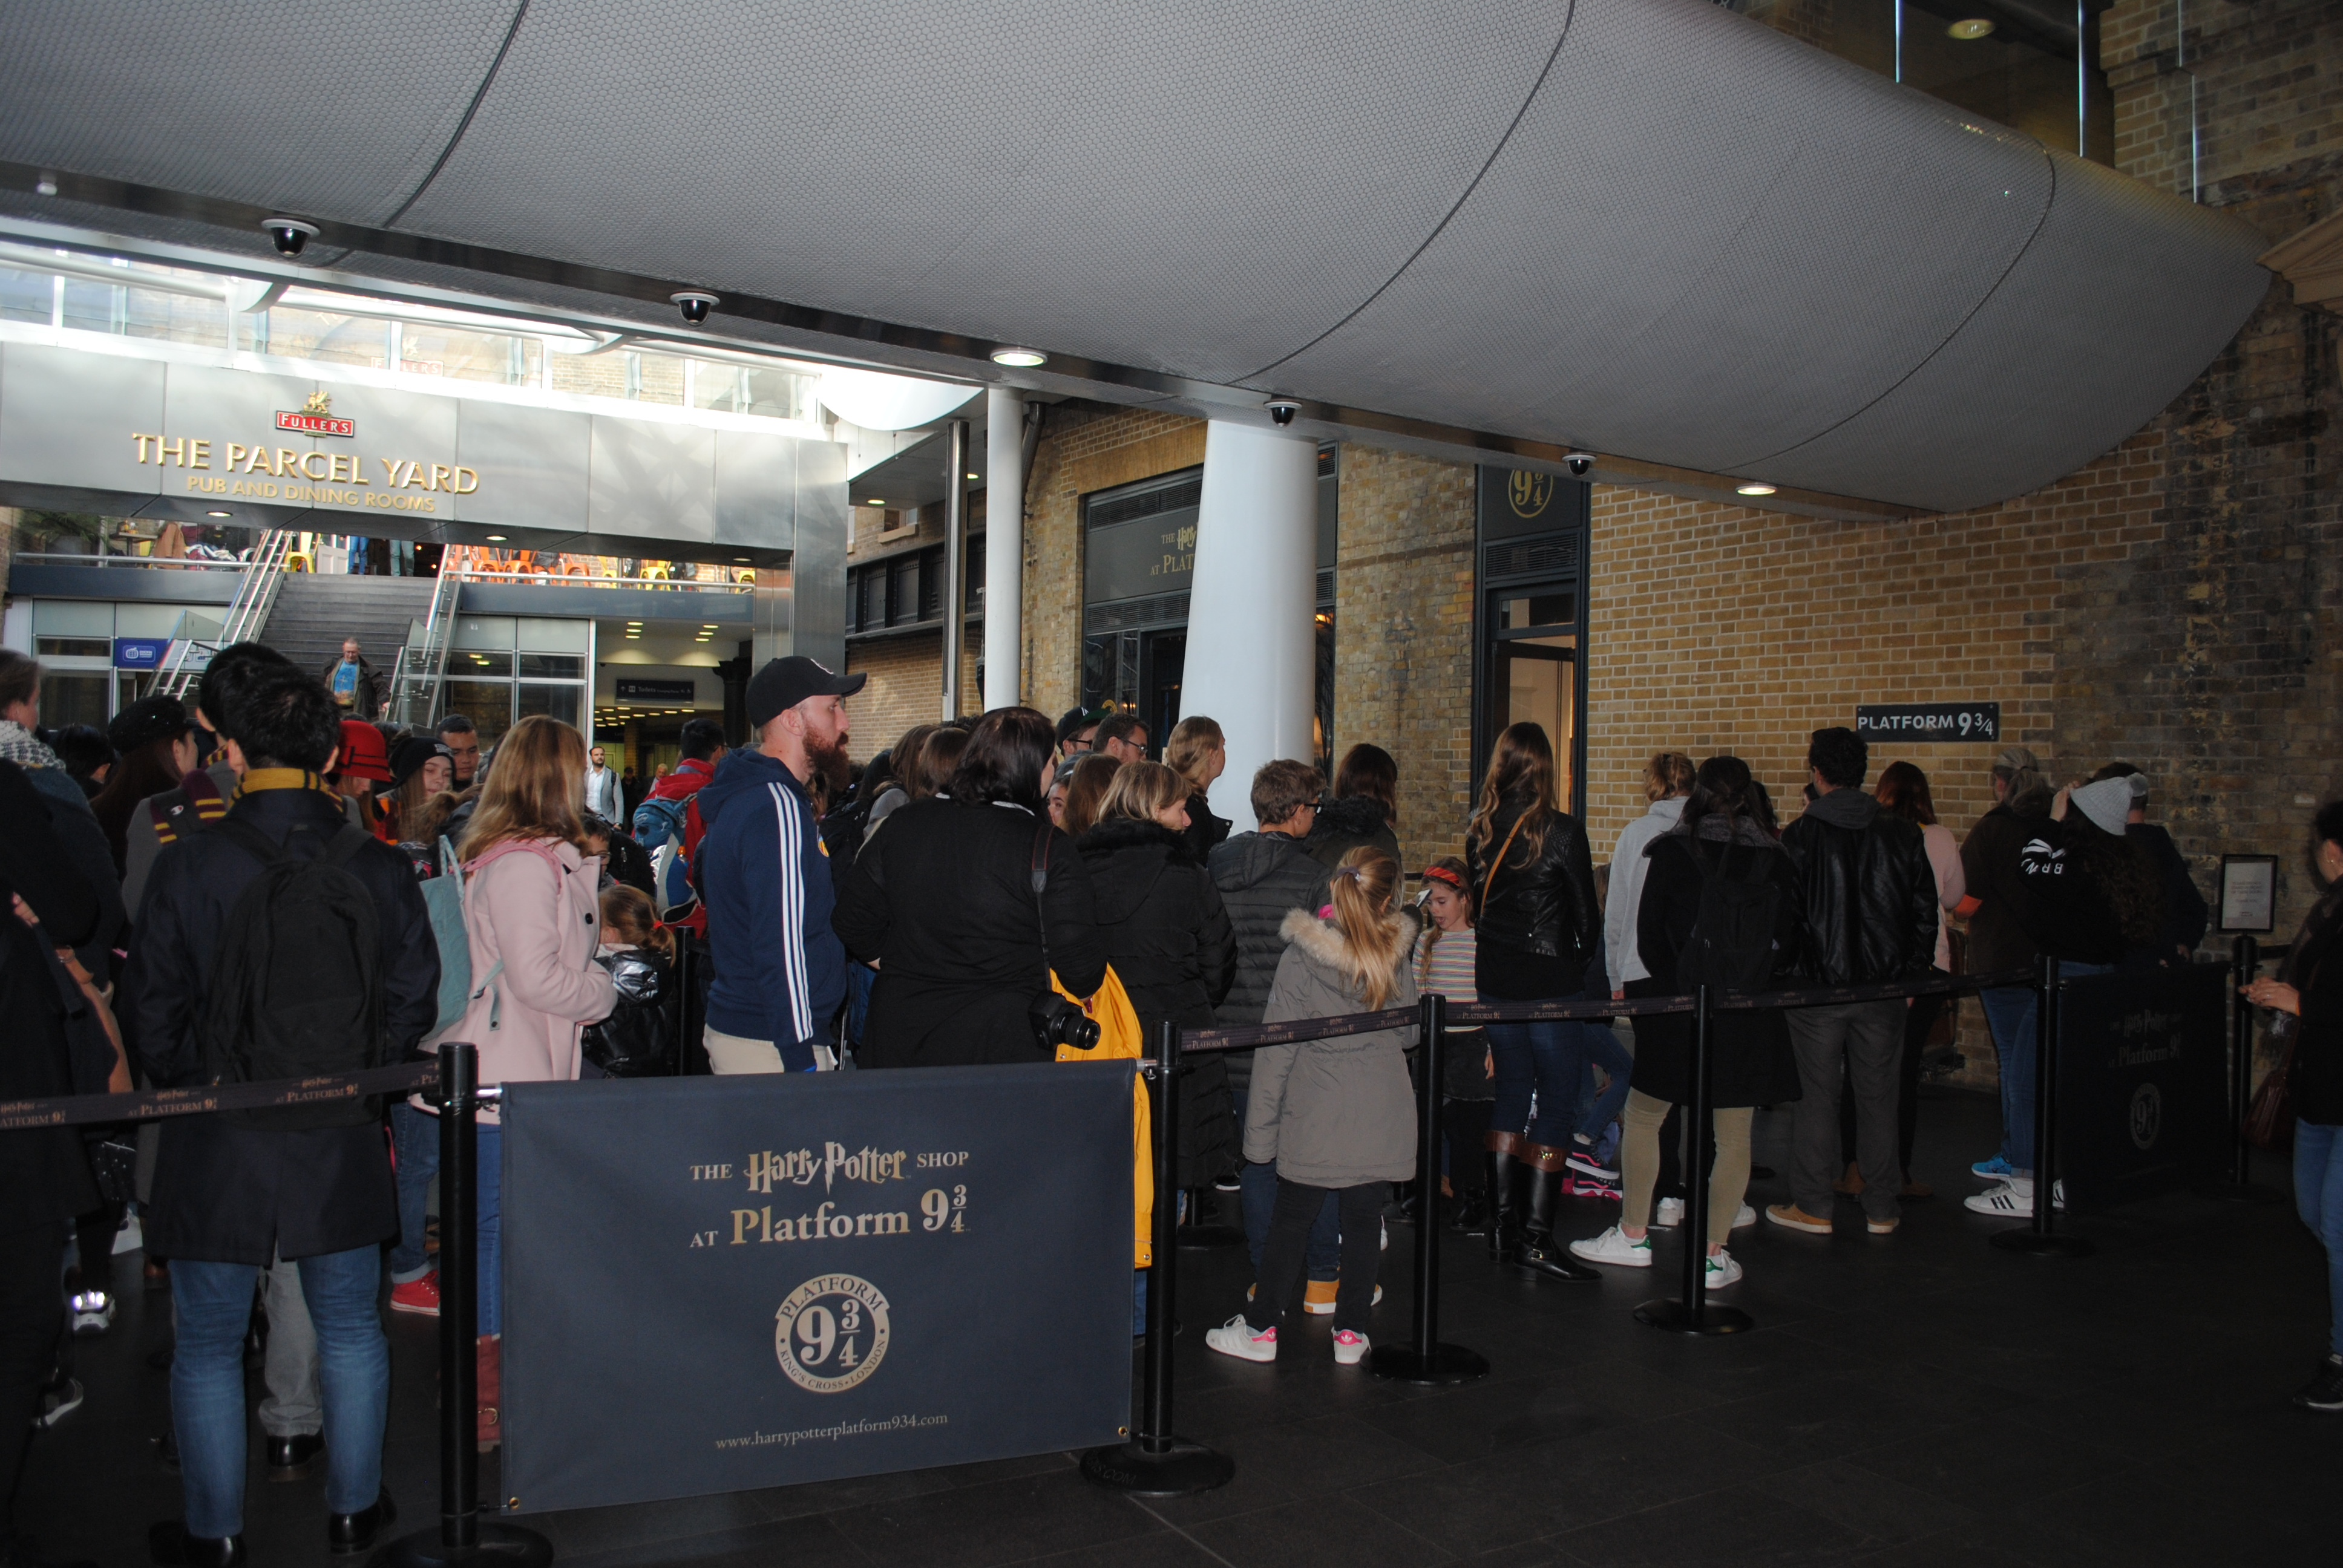 Visit Platform 9 3/4 in London